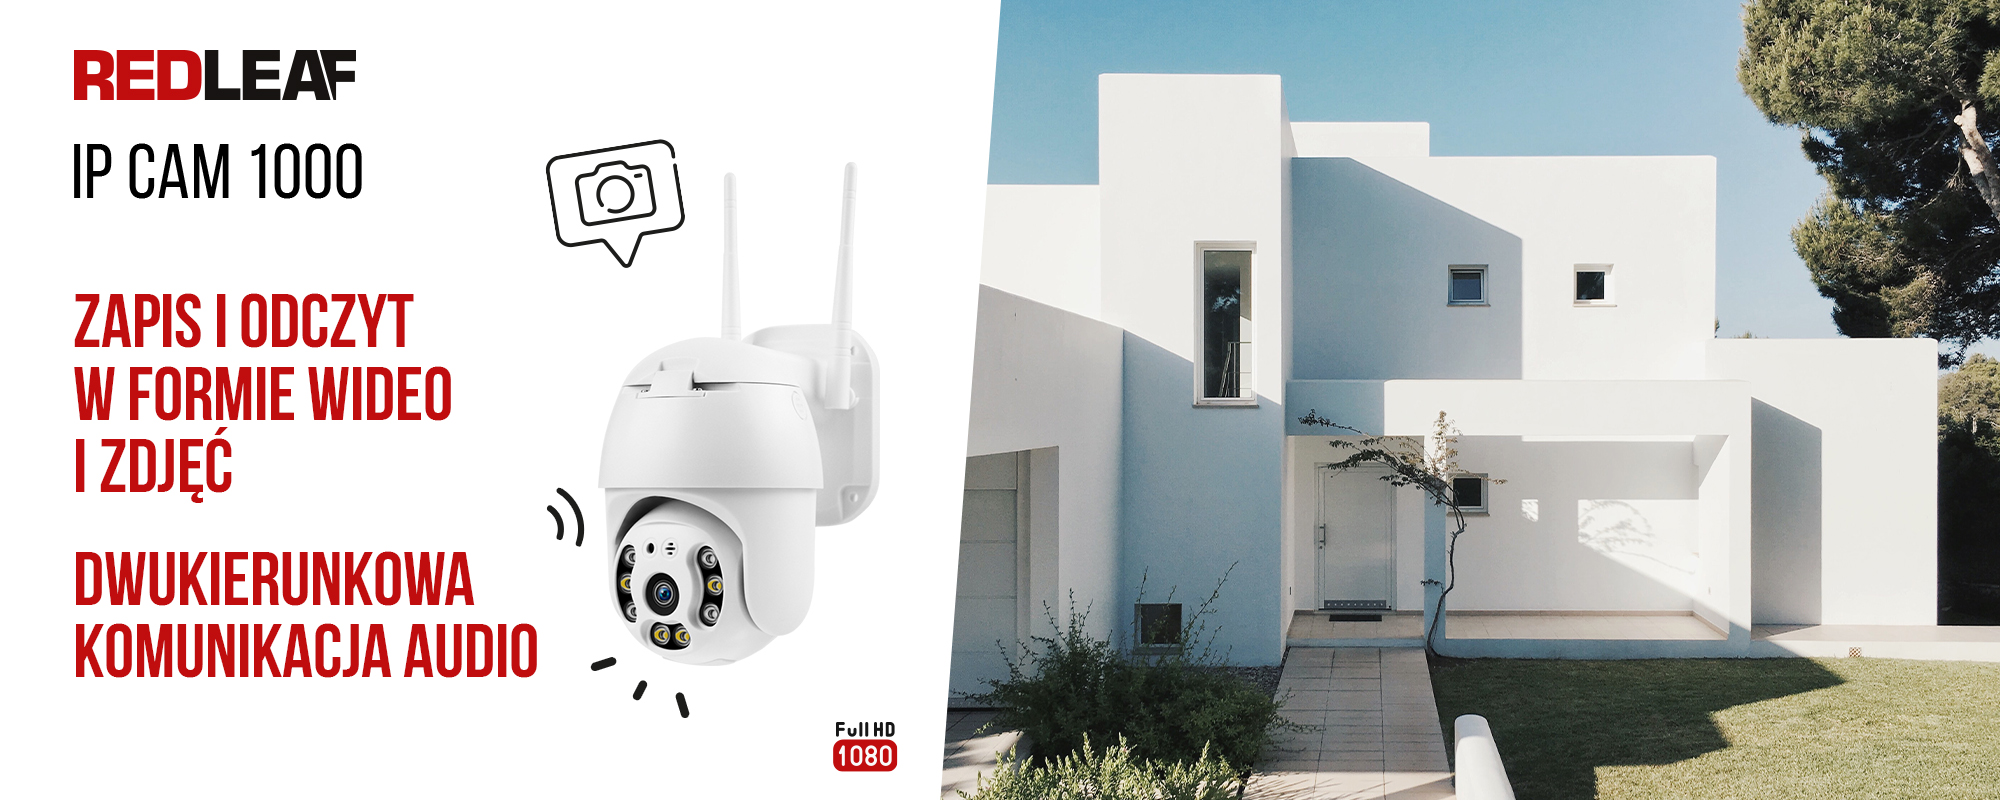 Kamera WiFi do monitoringu Redleaf IP Cam 1000 - grafika przestawiająca kamerę i dom